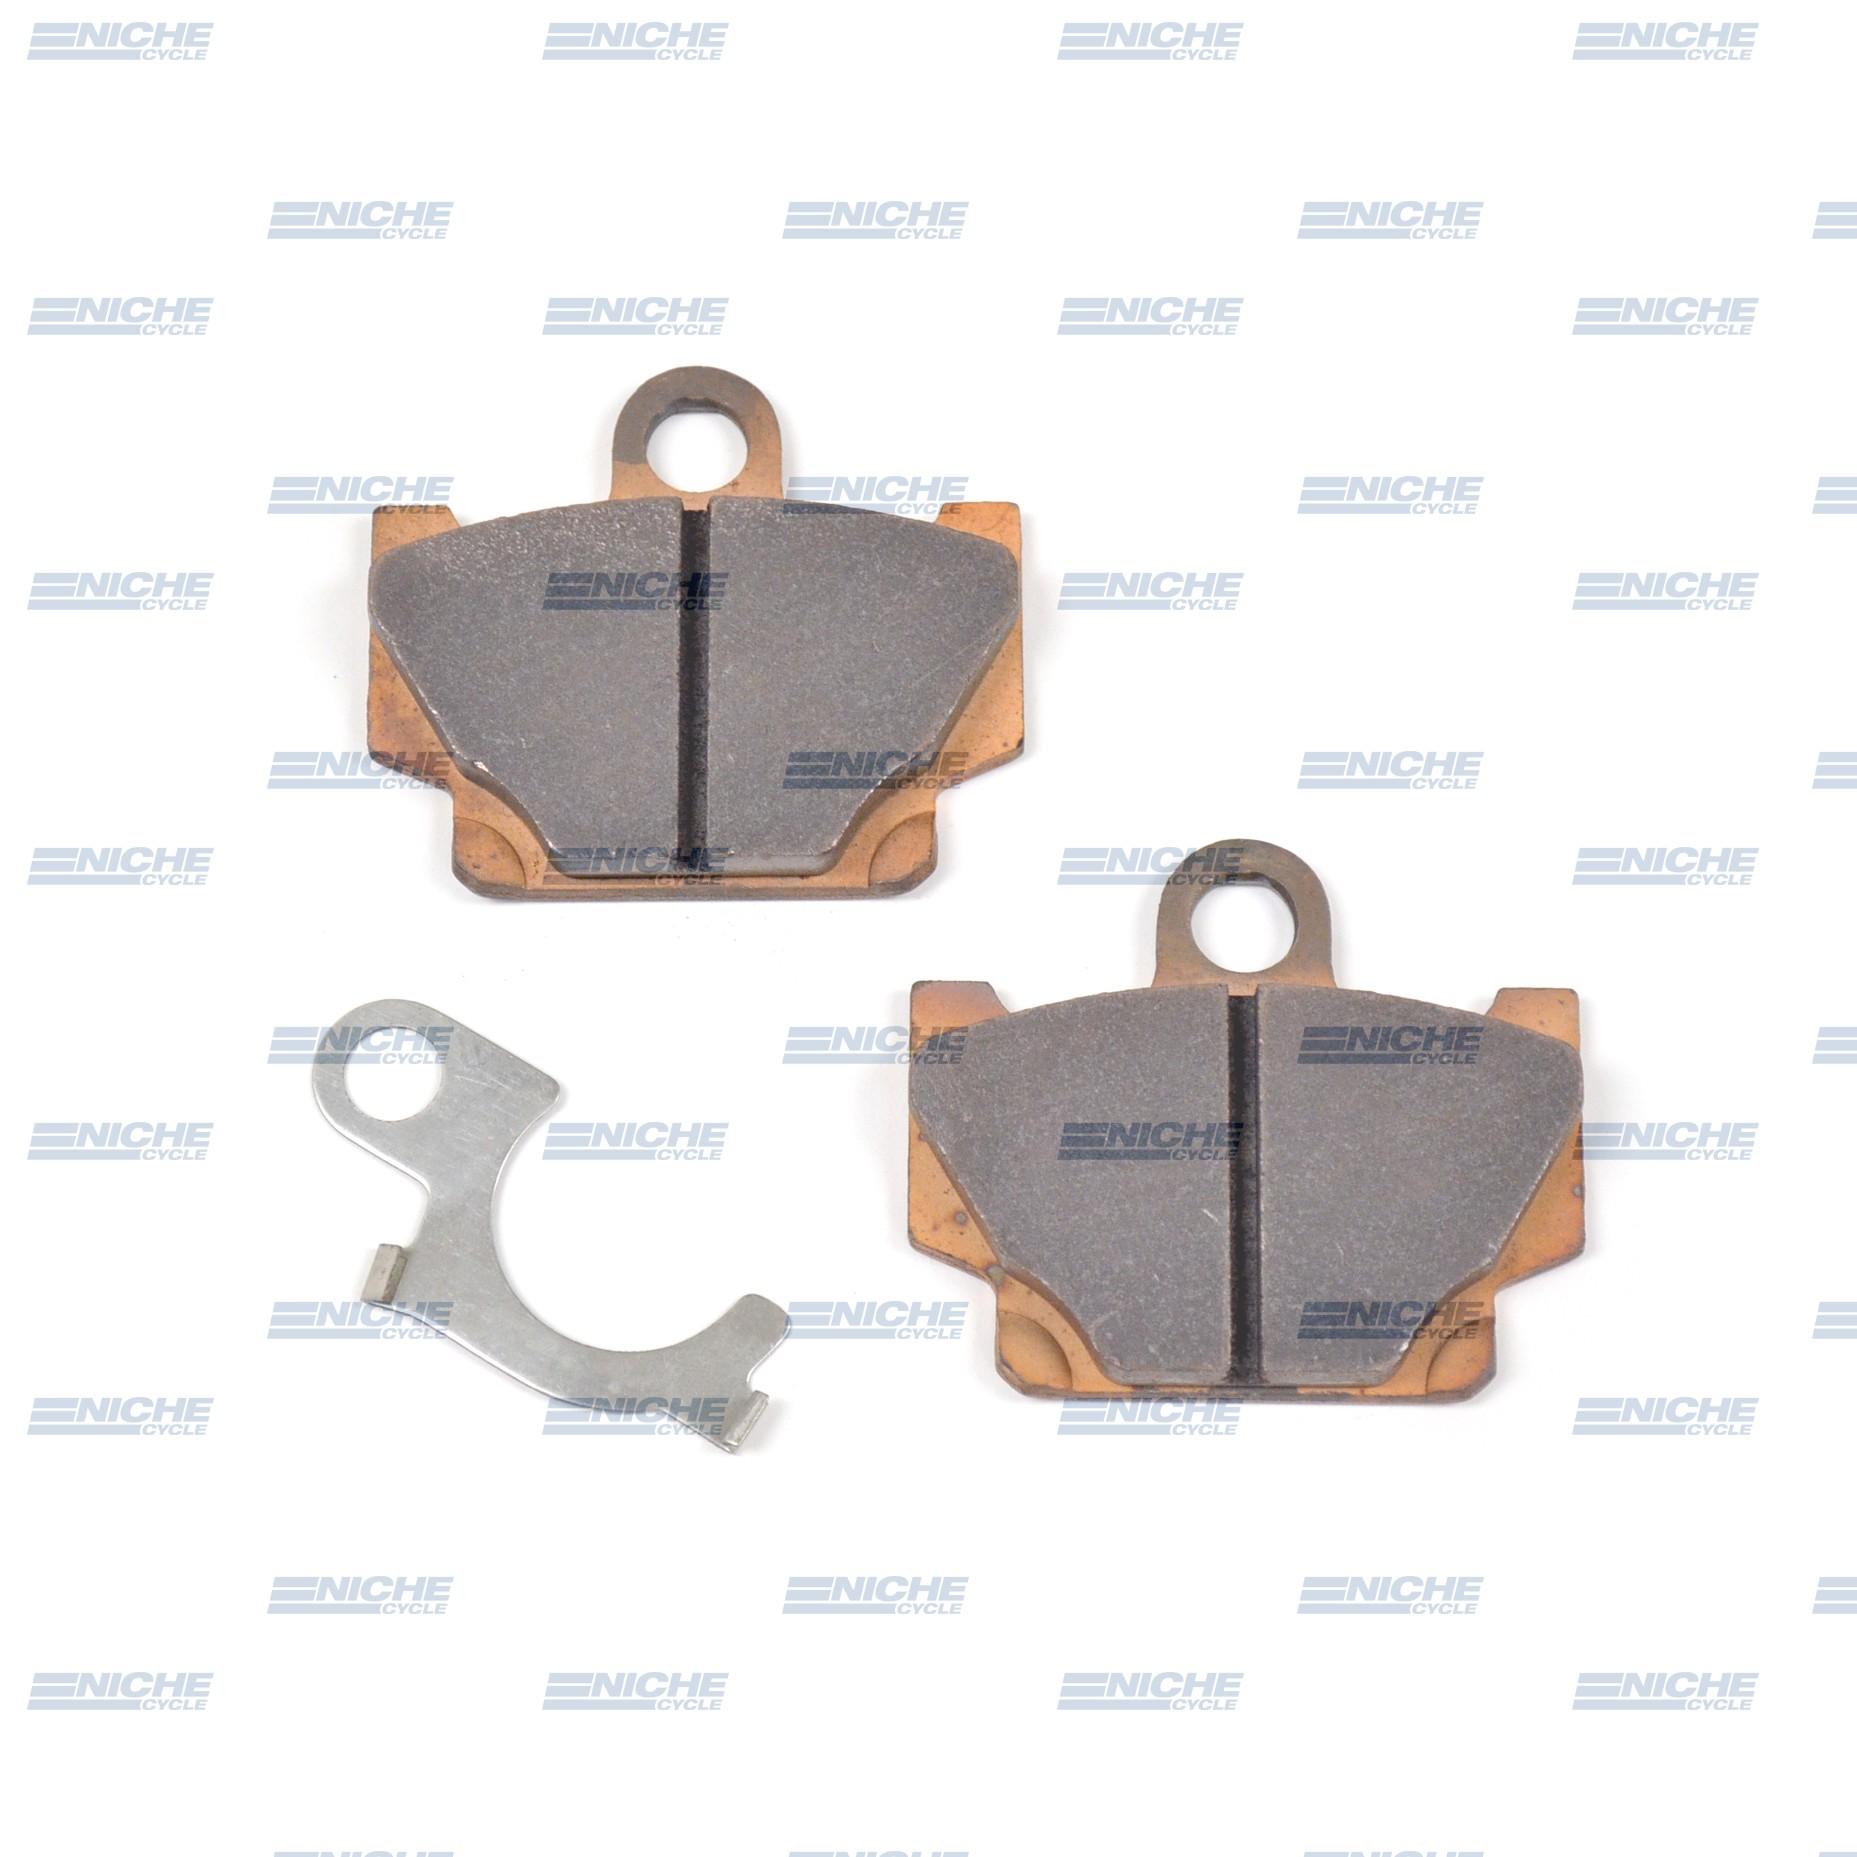 Brake Pad - Full Metal 64-62257